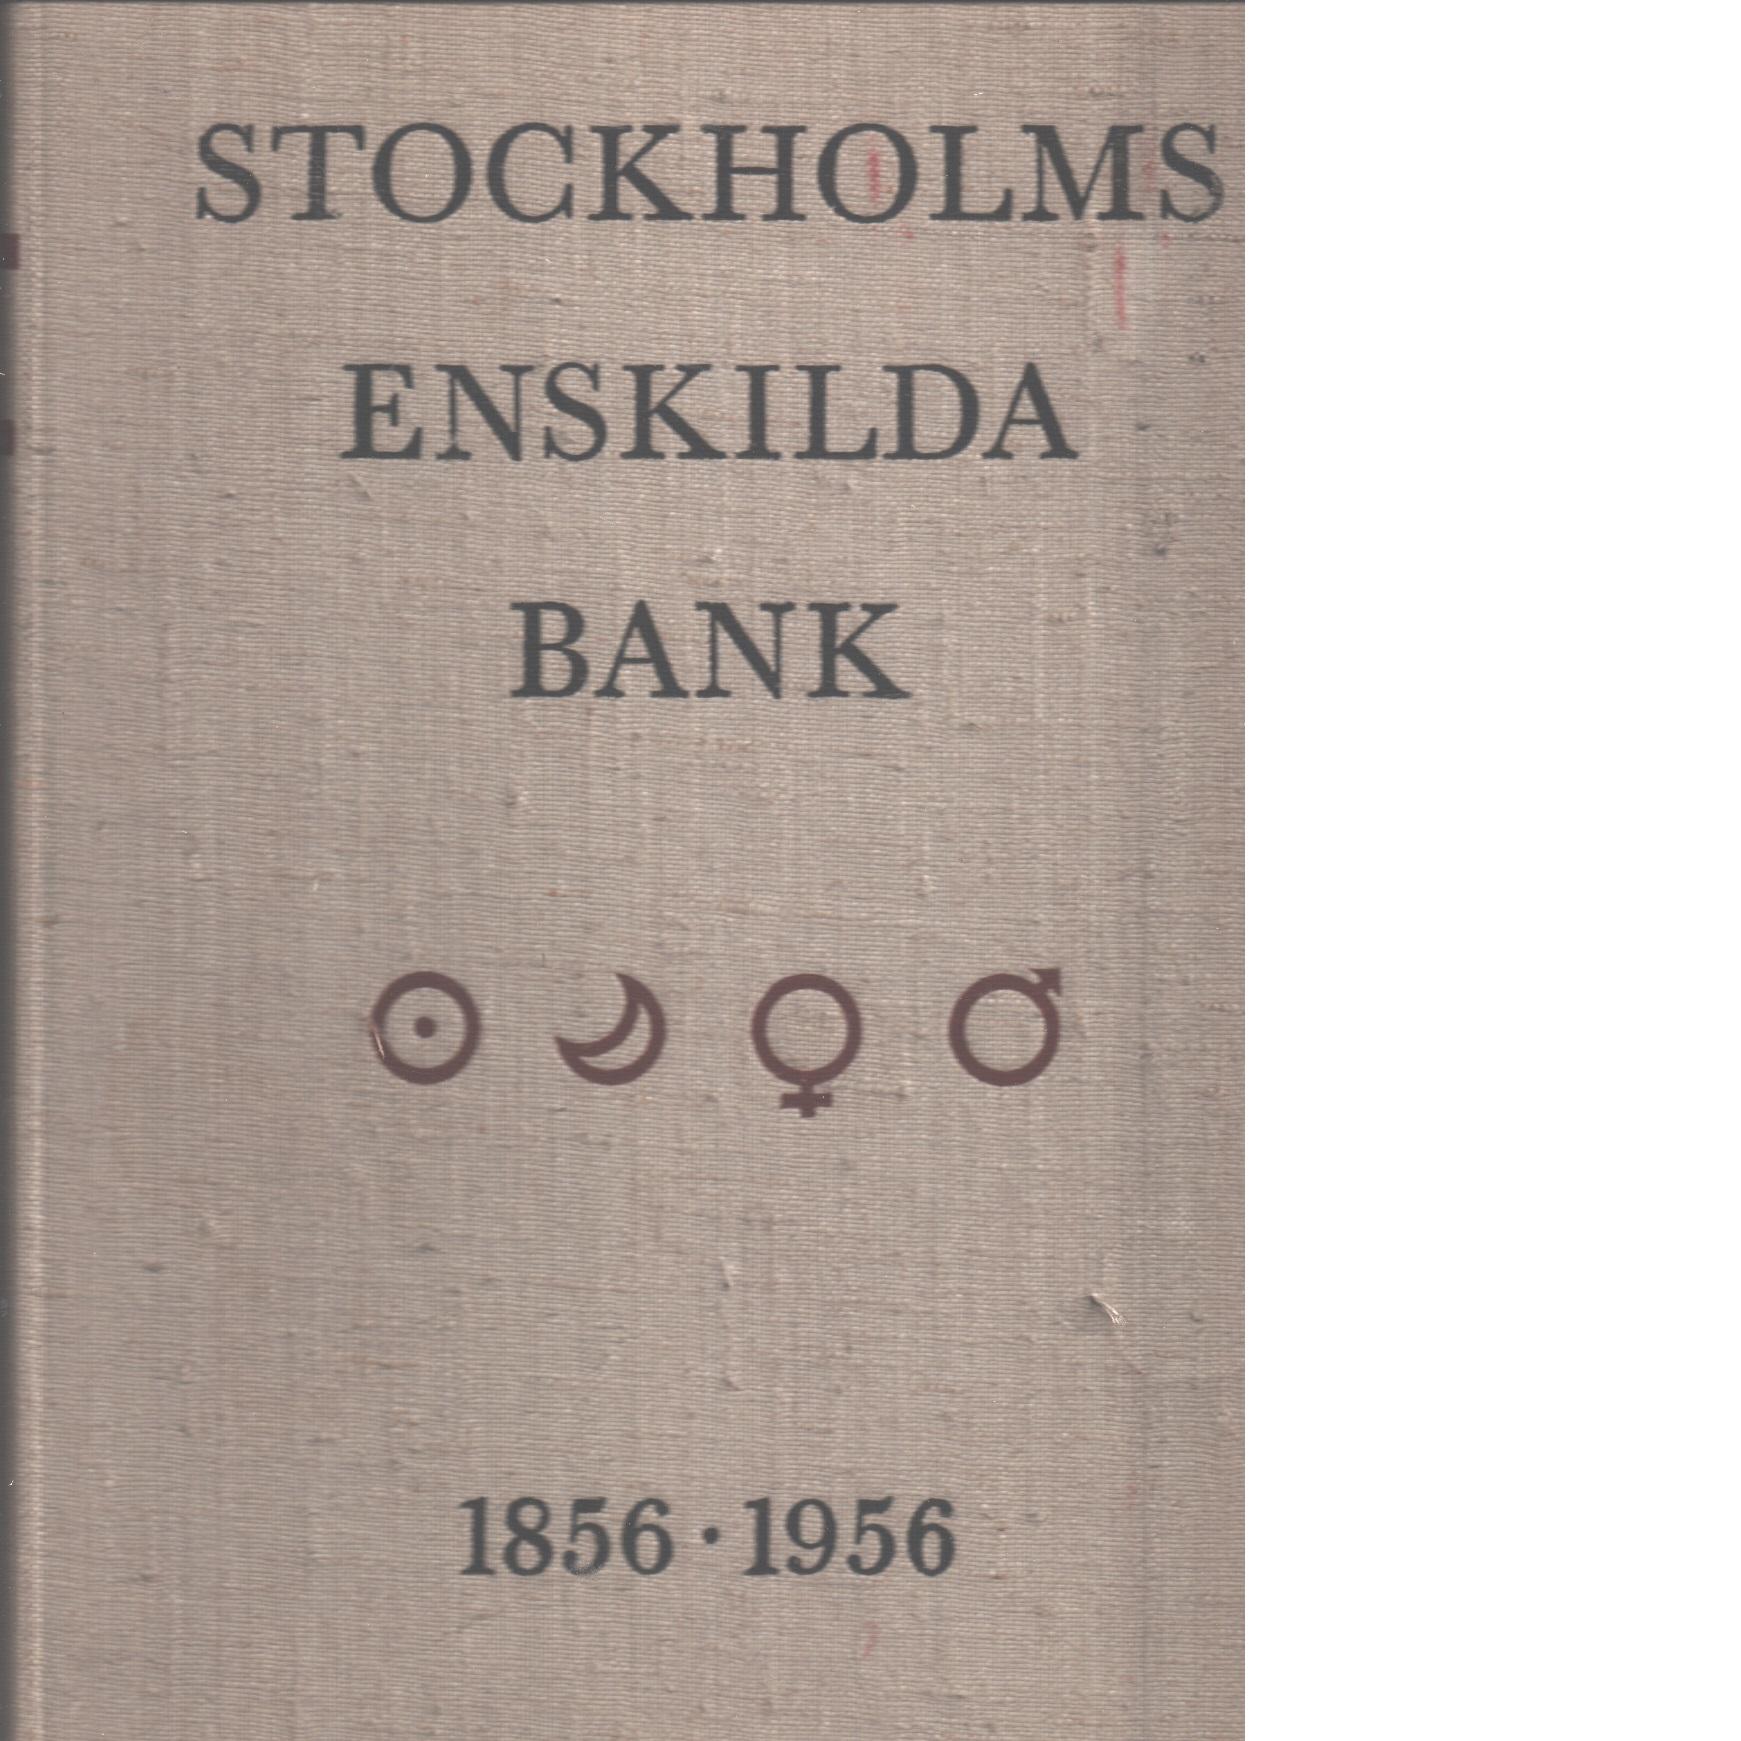 Stockholms Enskilda Bank 1856 - 1956 - Lindorm, Per-Erik